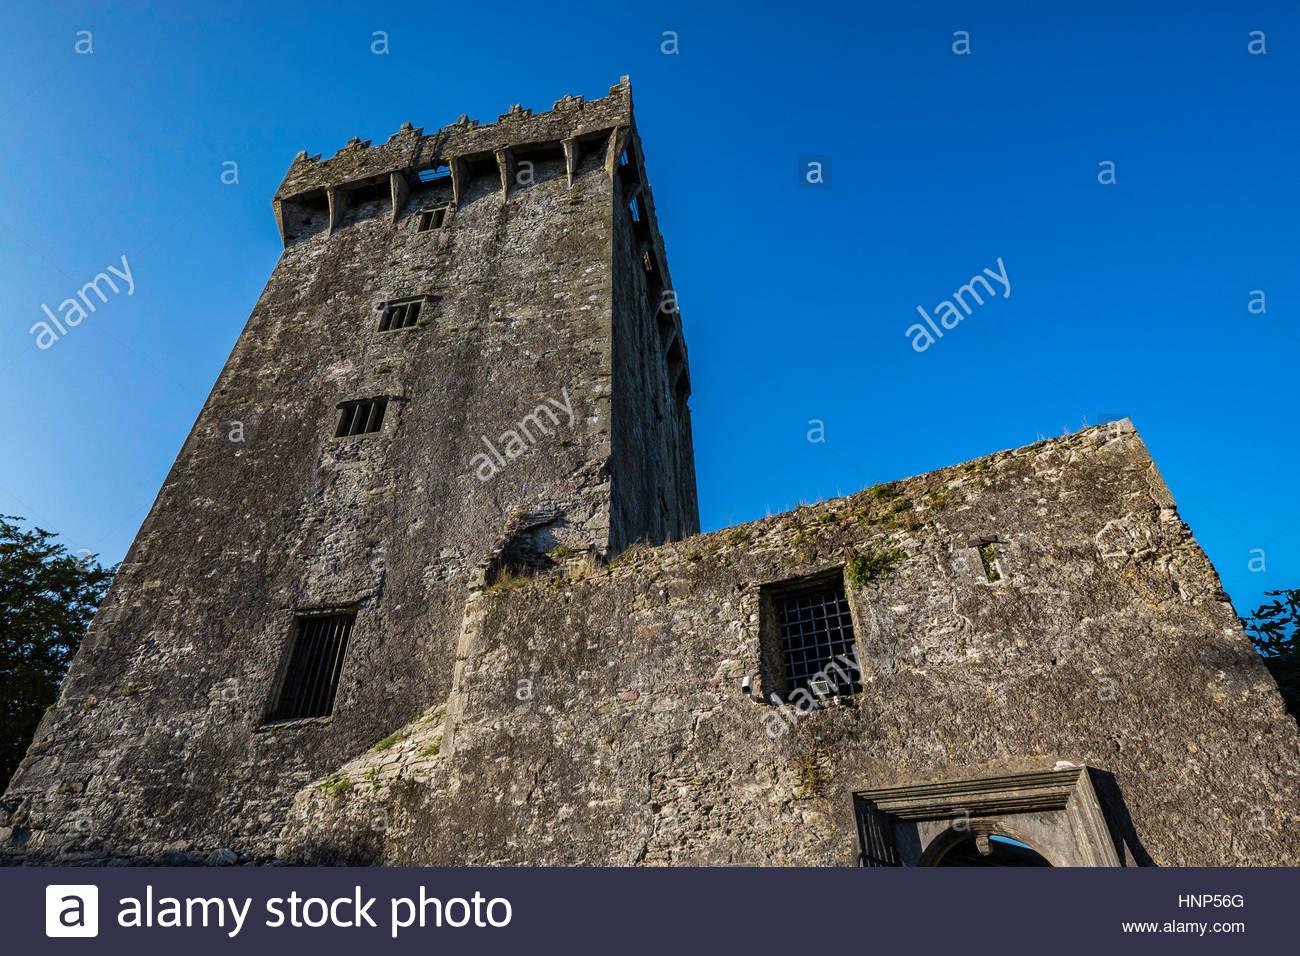 La pierre de Blarney, un bloc de calcaire carbonifère construit dans les remparts du château de Blarney, Photo Stock